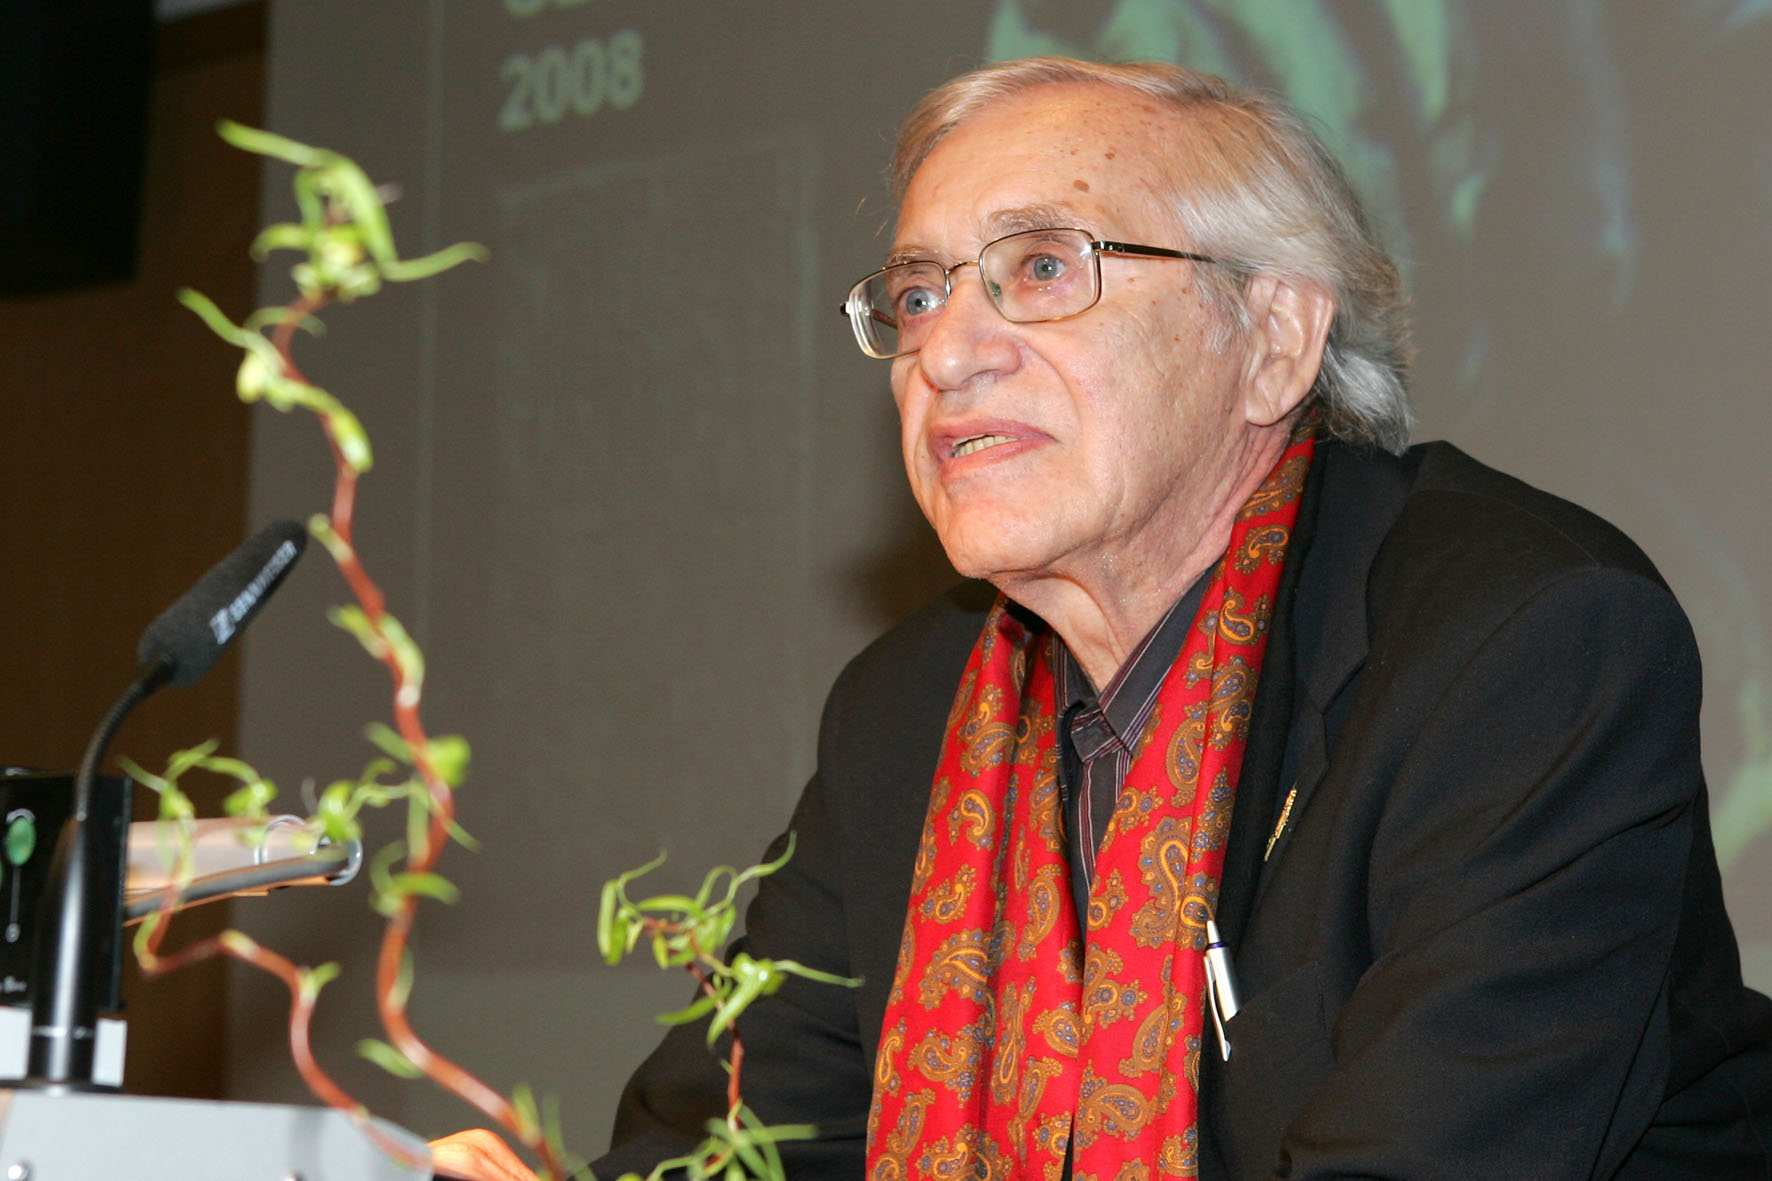 Dr. Nathan Durst bei der Gedenkveranstaltung am 27.01.2008 im Konferenzzentrum der Hannes-Seidel-Stiftung in München